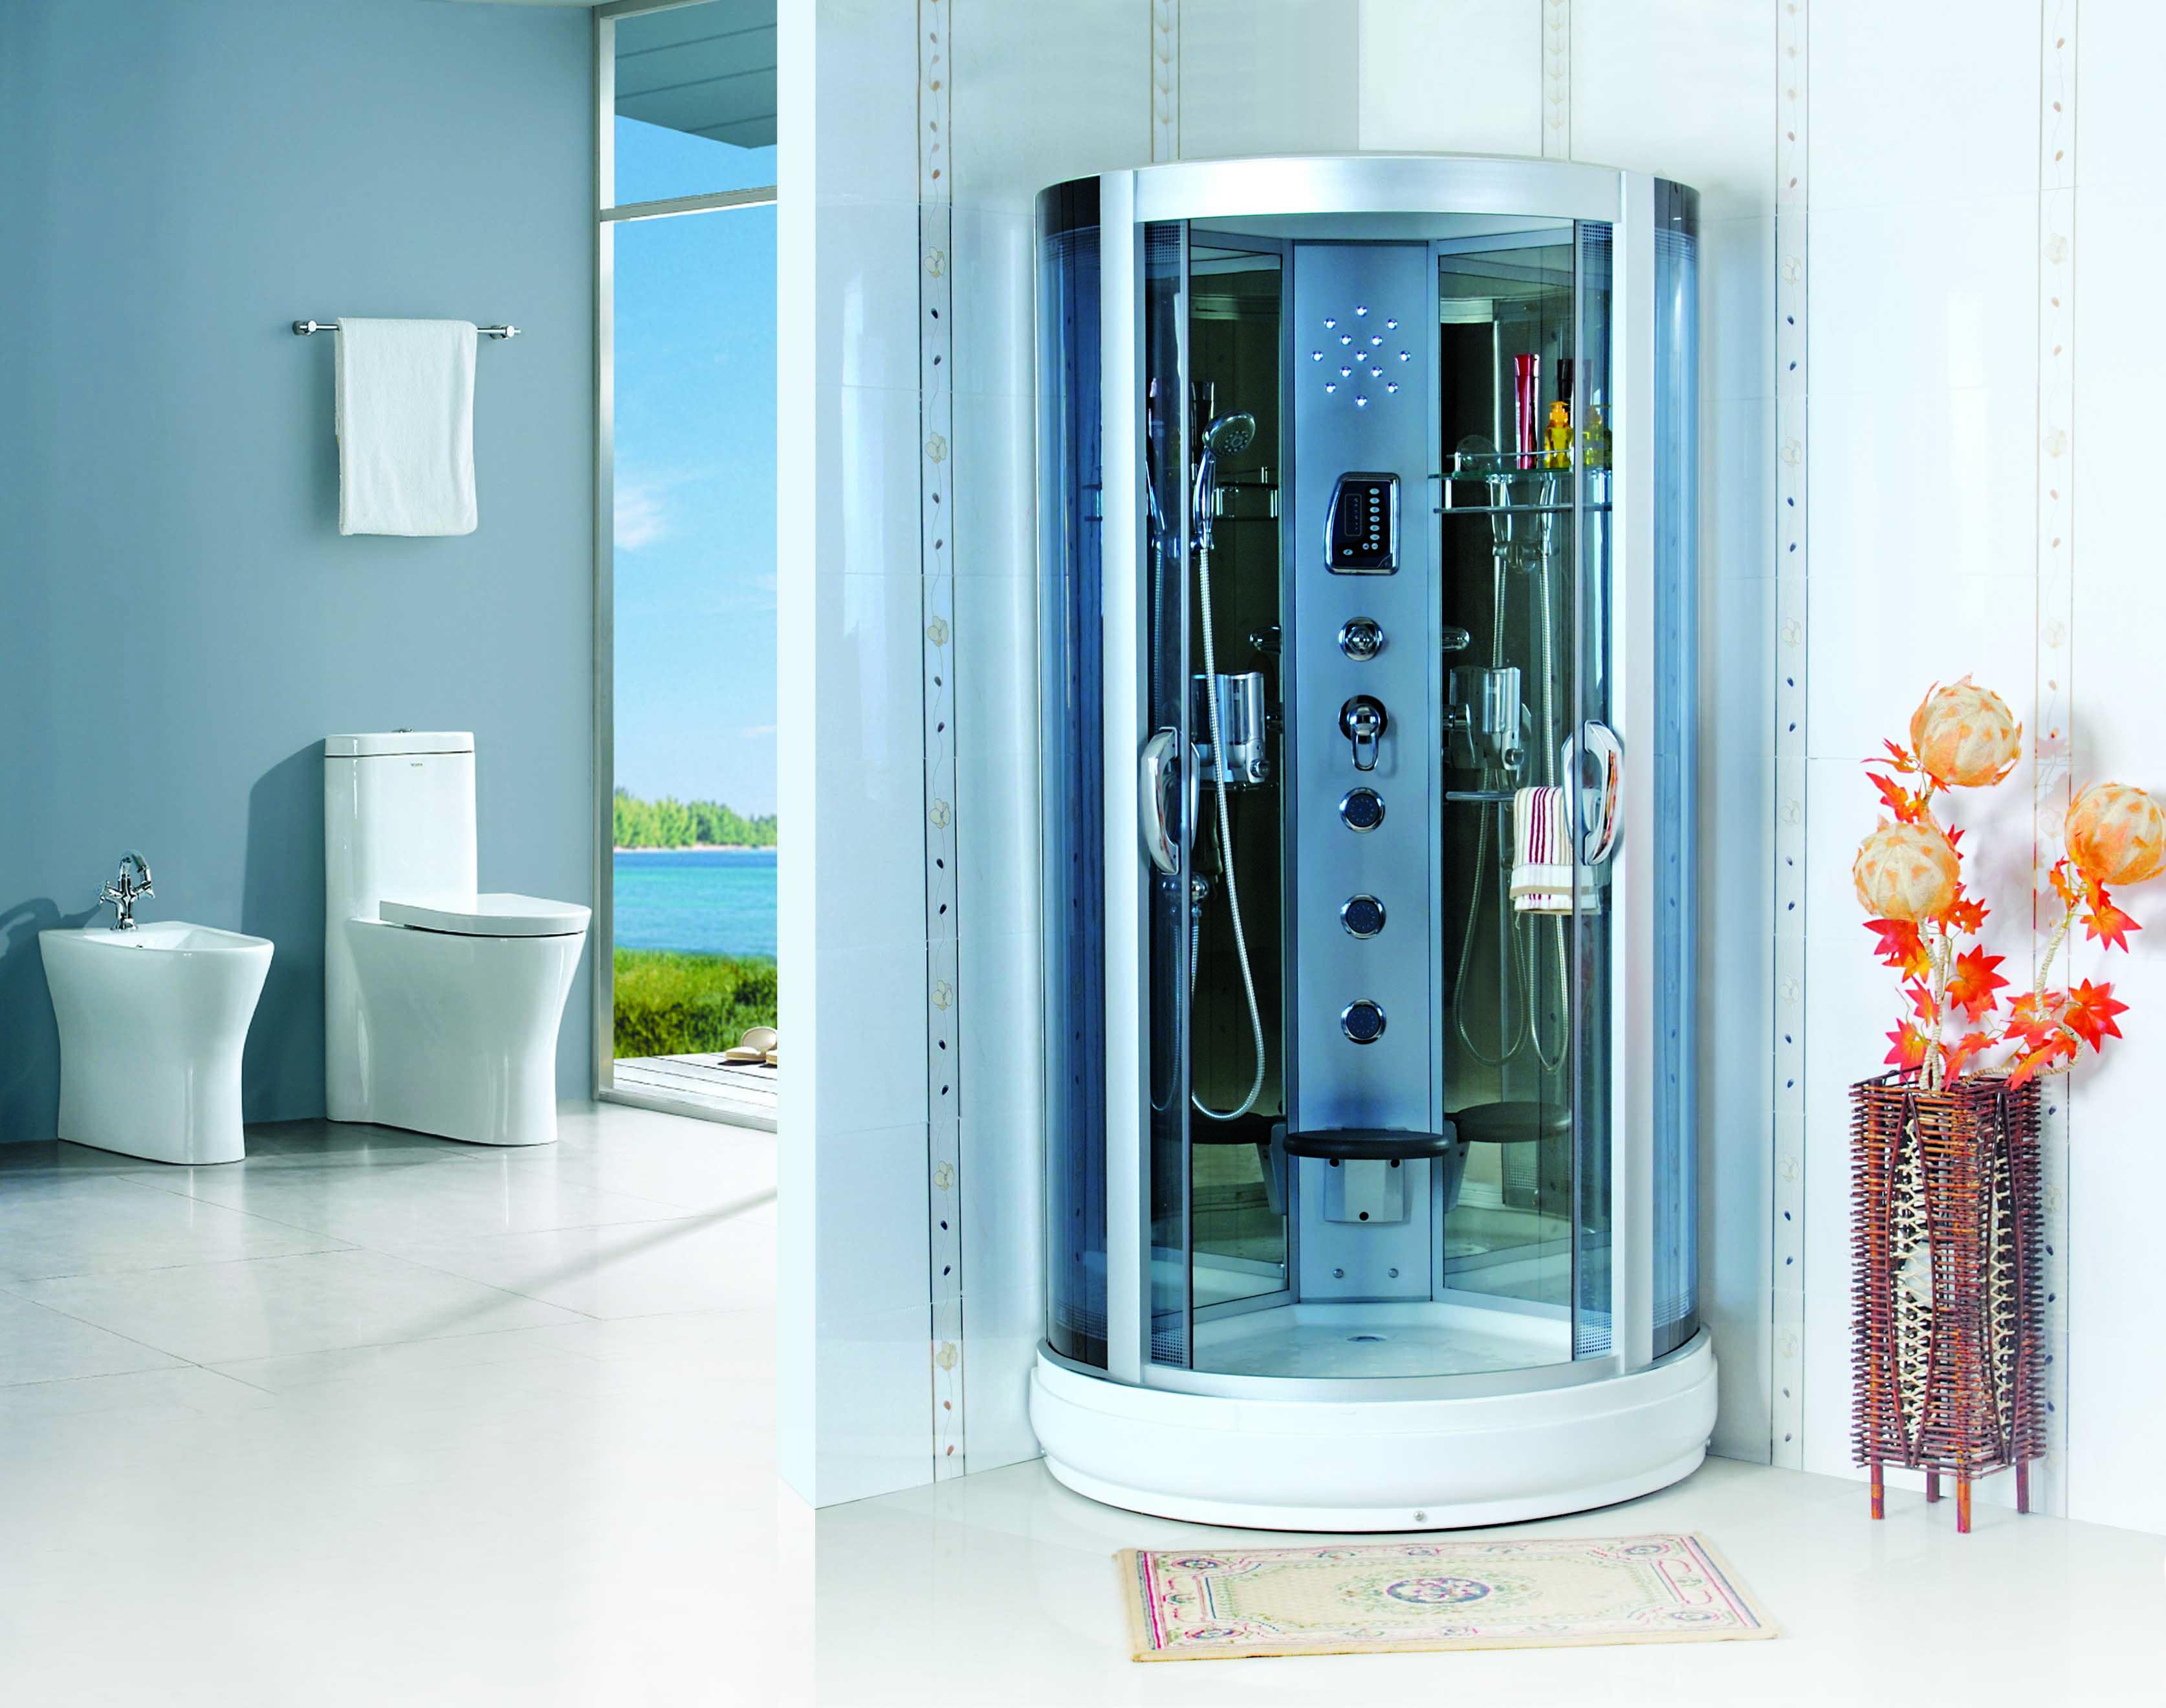 dusche duschabtrennung duschtempel duschkabine neu sofort lieferbar lxw lts 610a ebay. Black Bedroom Furniture Sets. Home Design Ideas